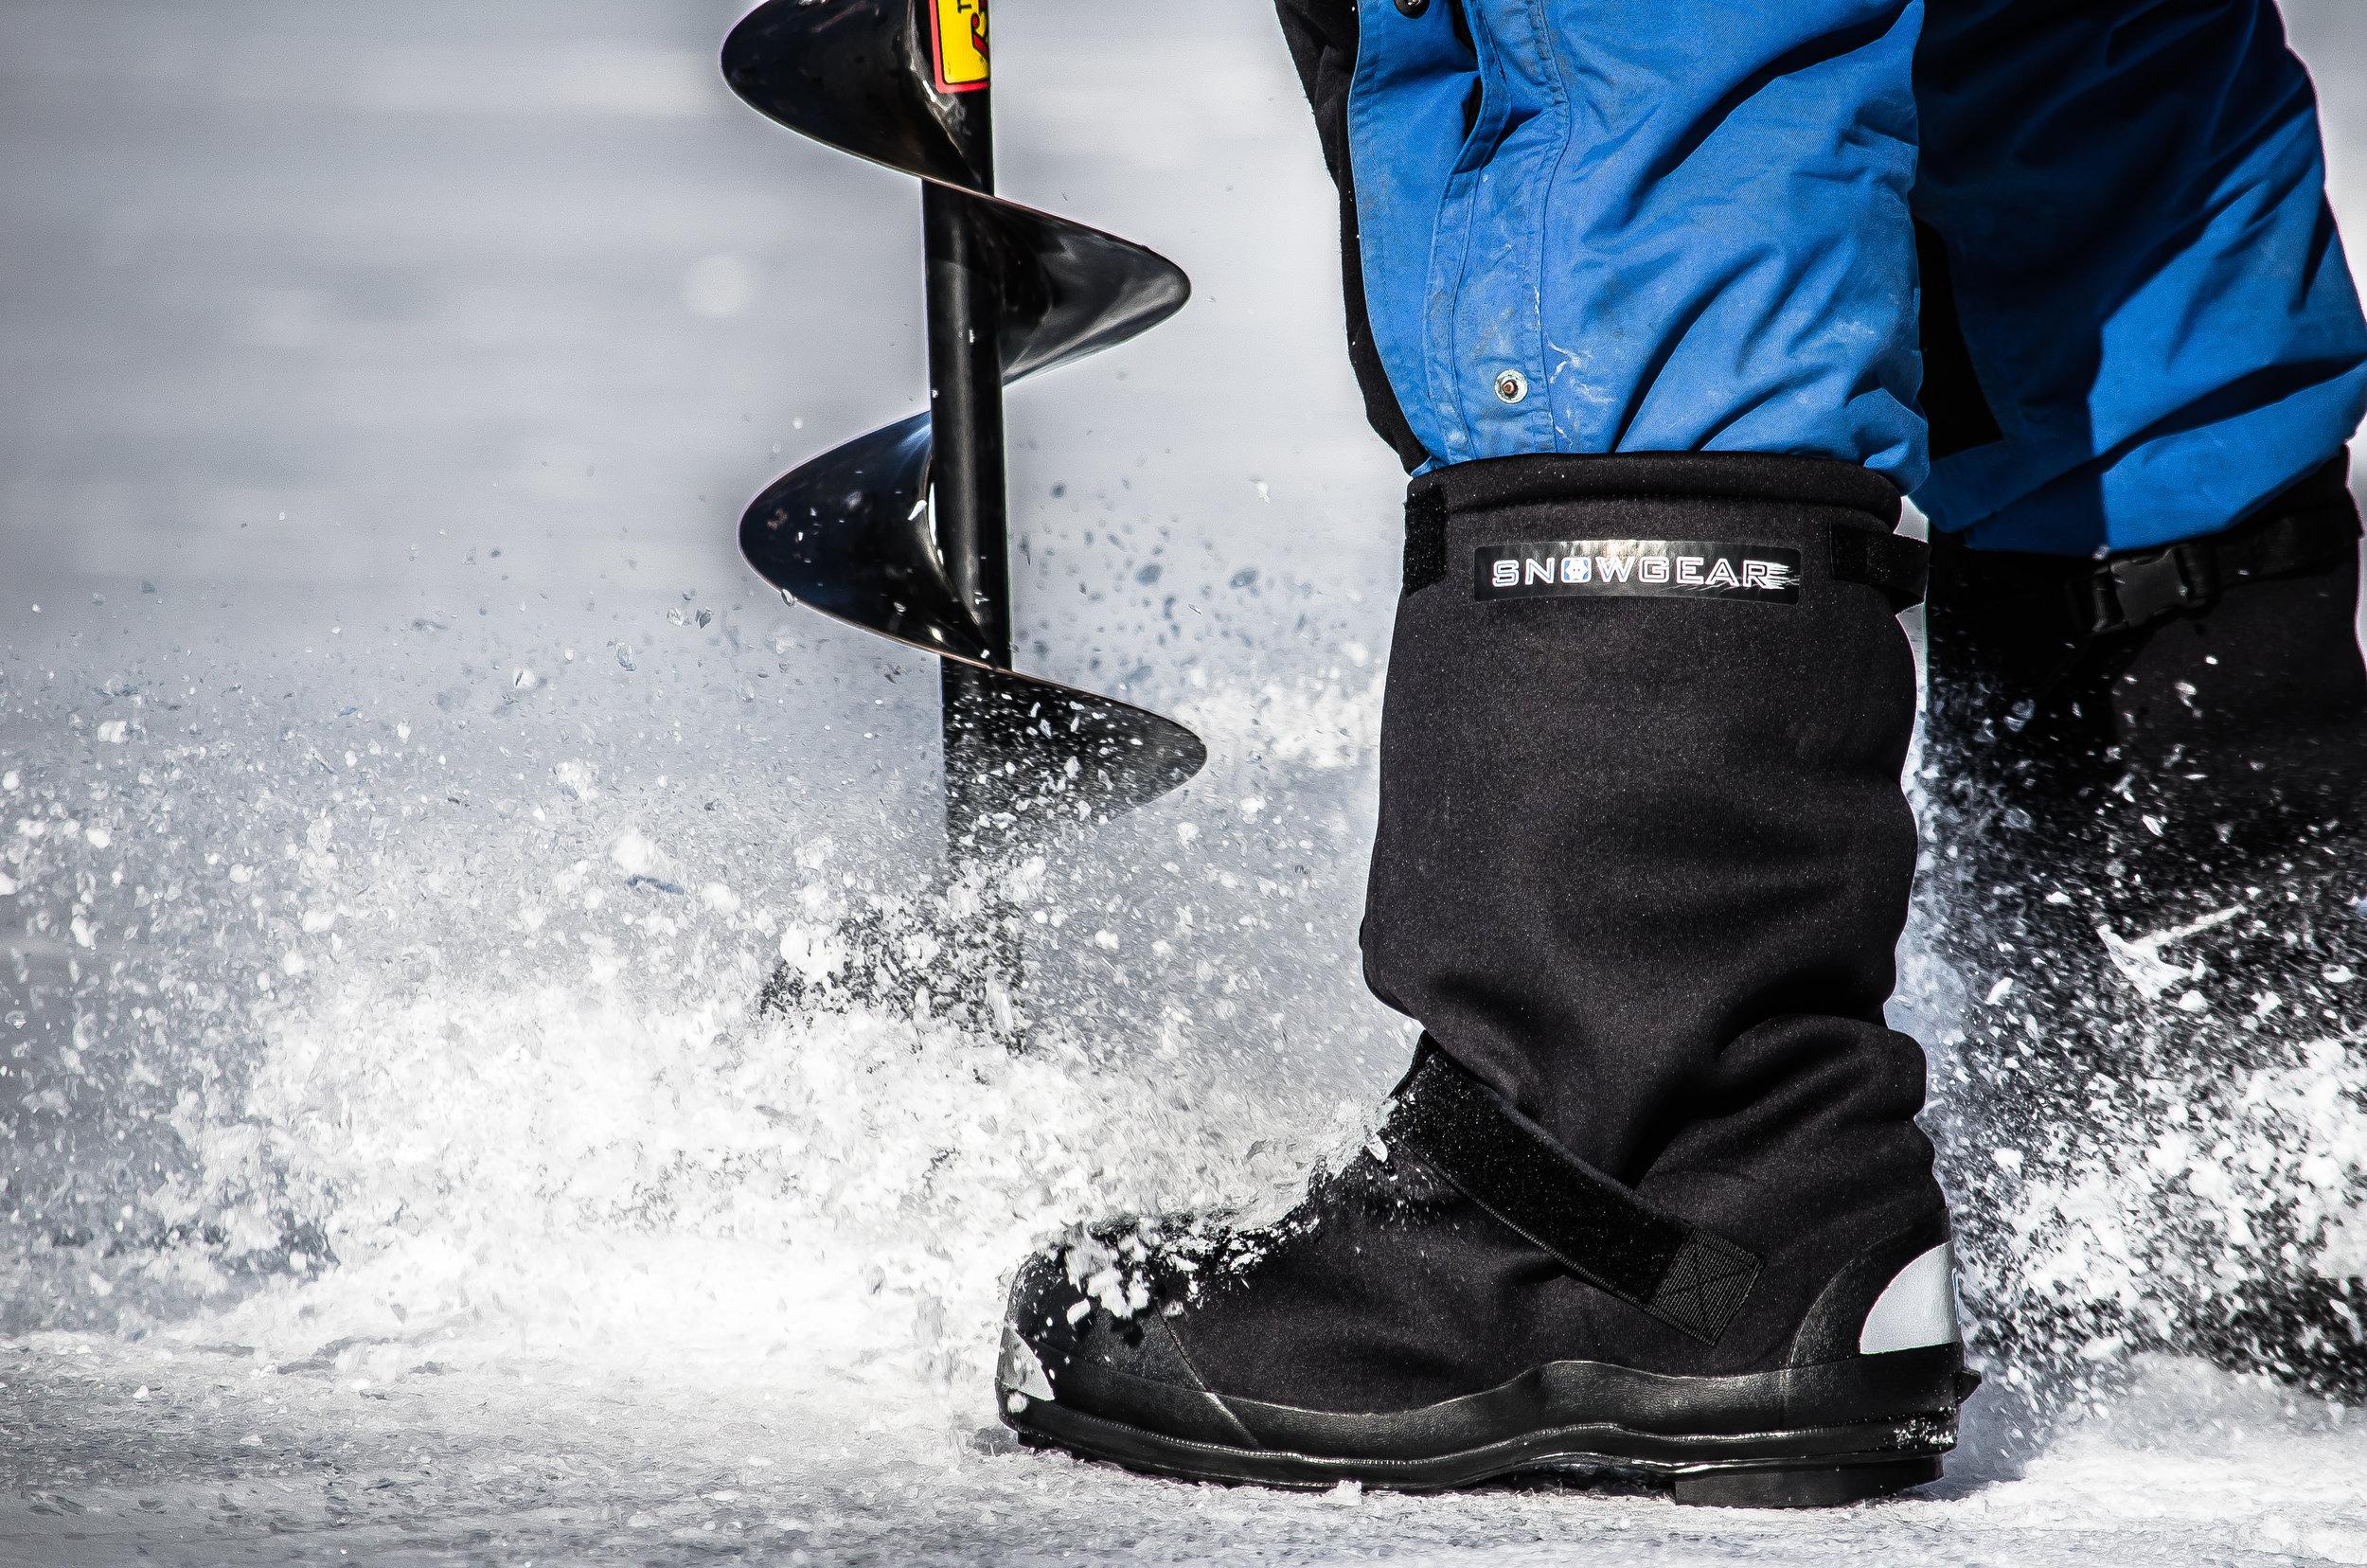 Snowgear Footwear